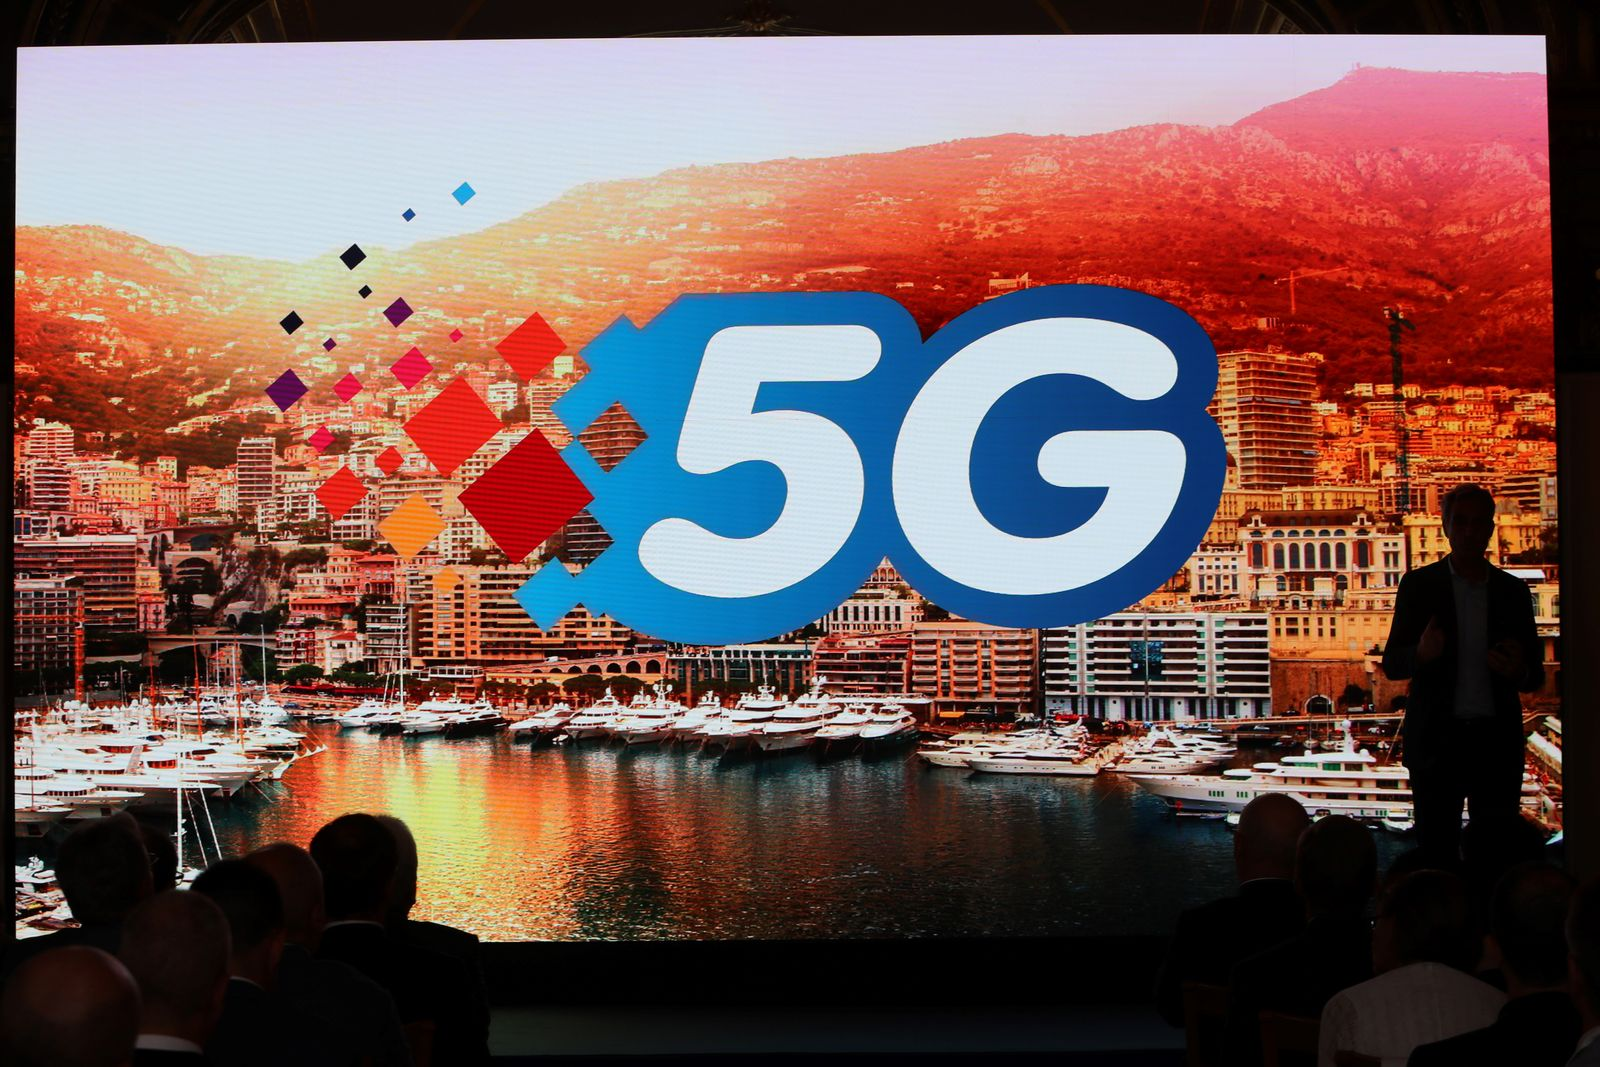 Monaco 5G